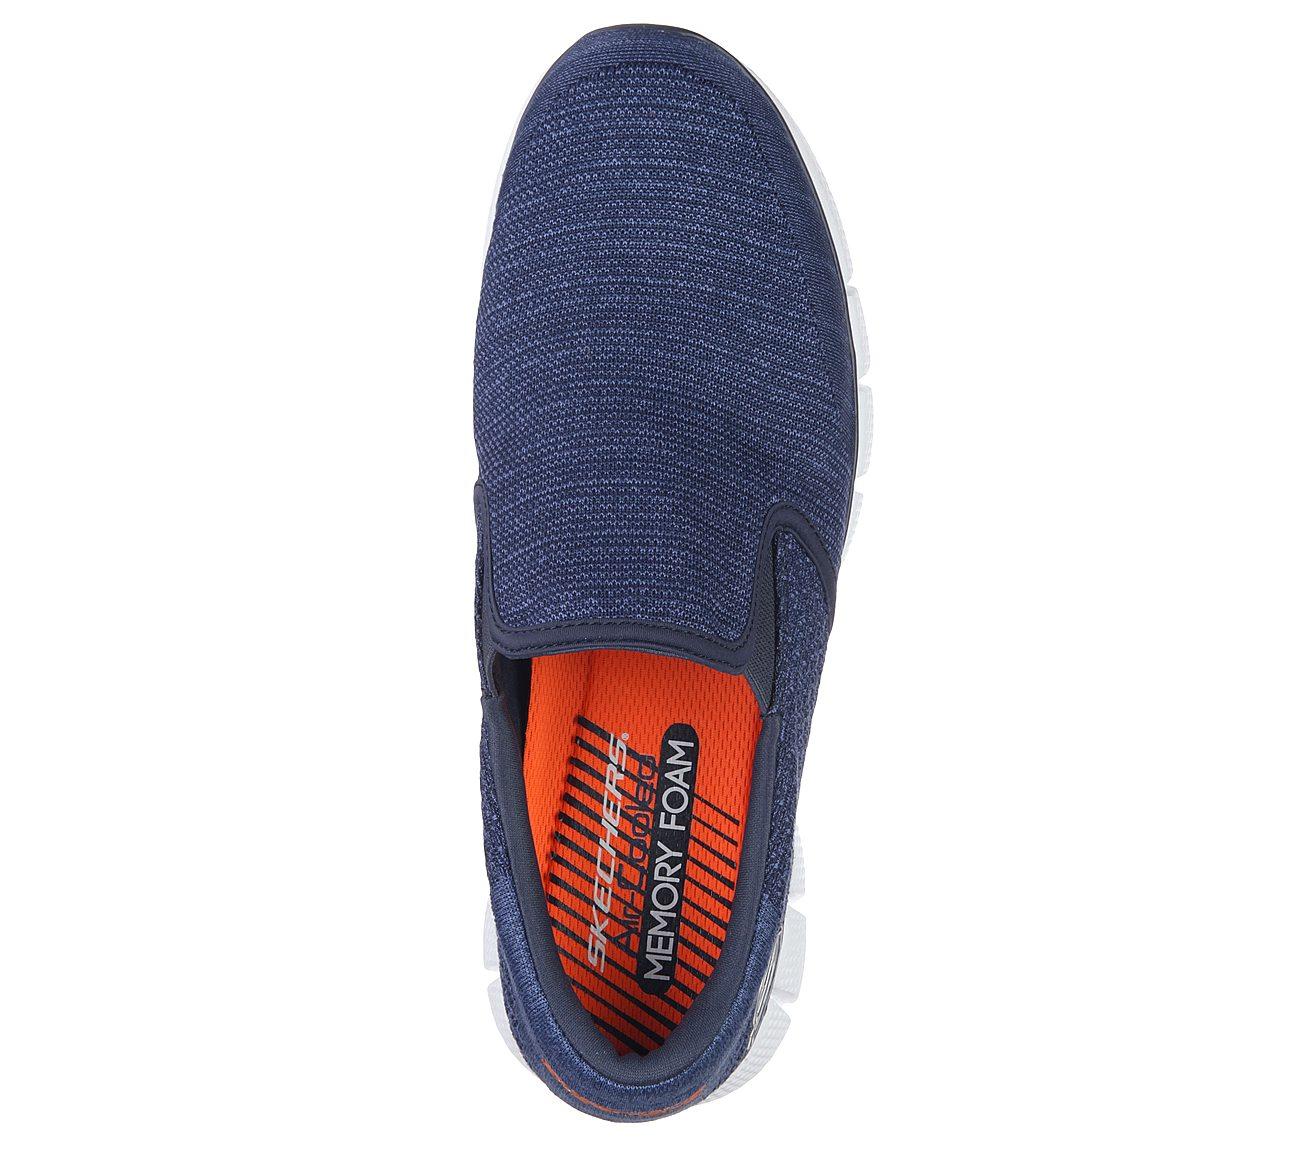 SKECHERS Equalizer 2.0 SKECHERS Sport Shoes